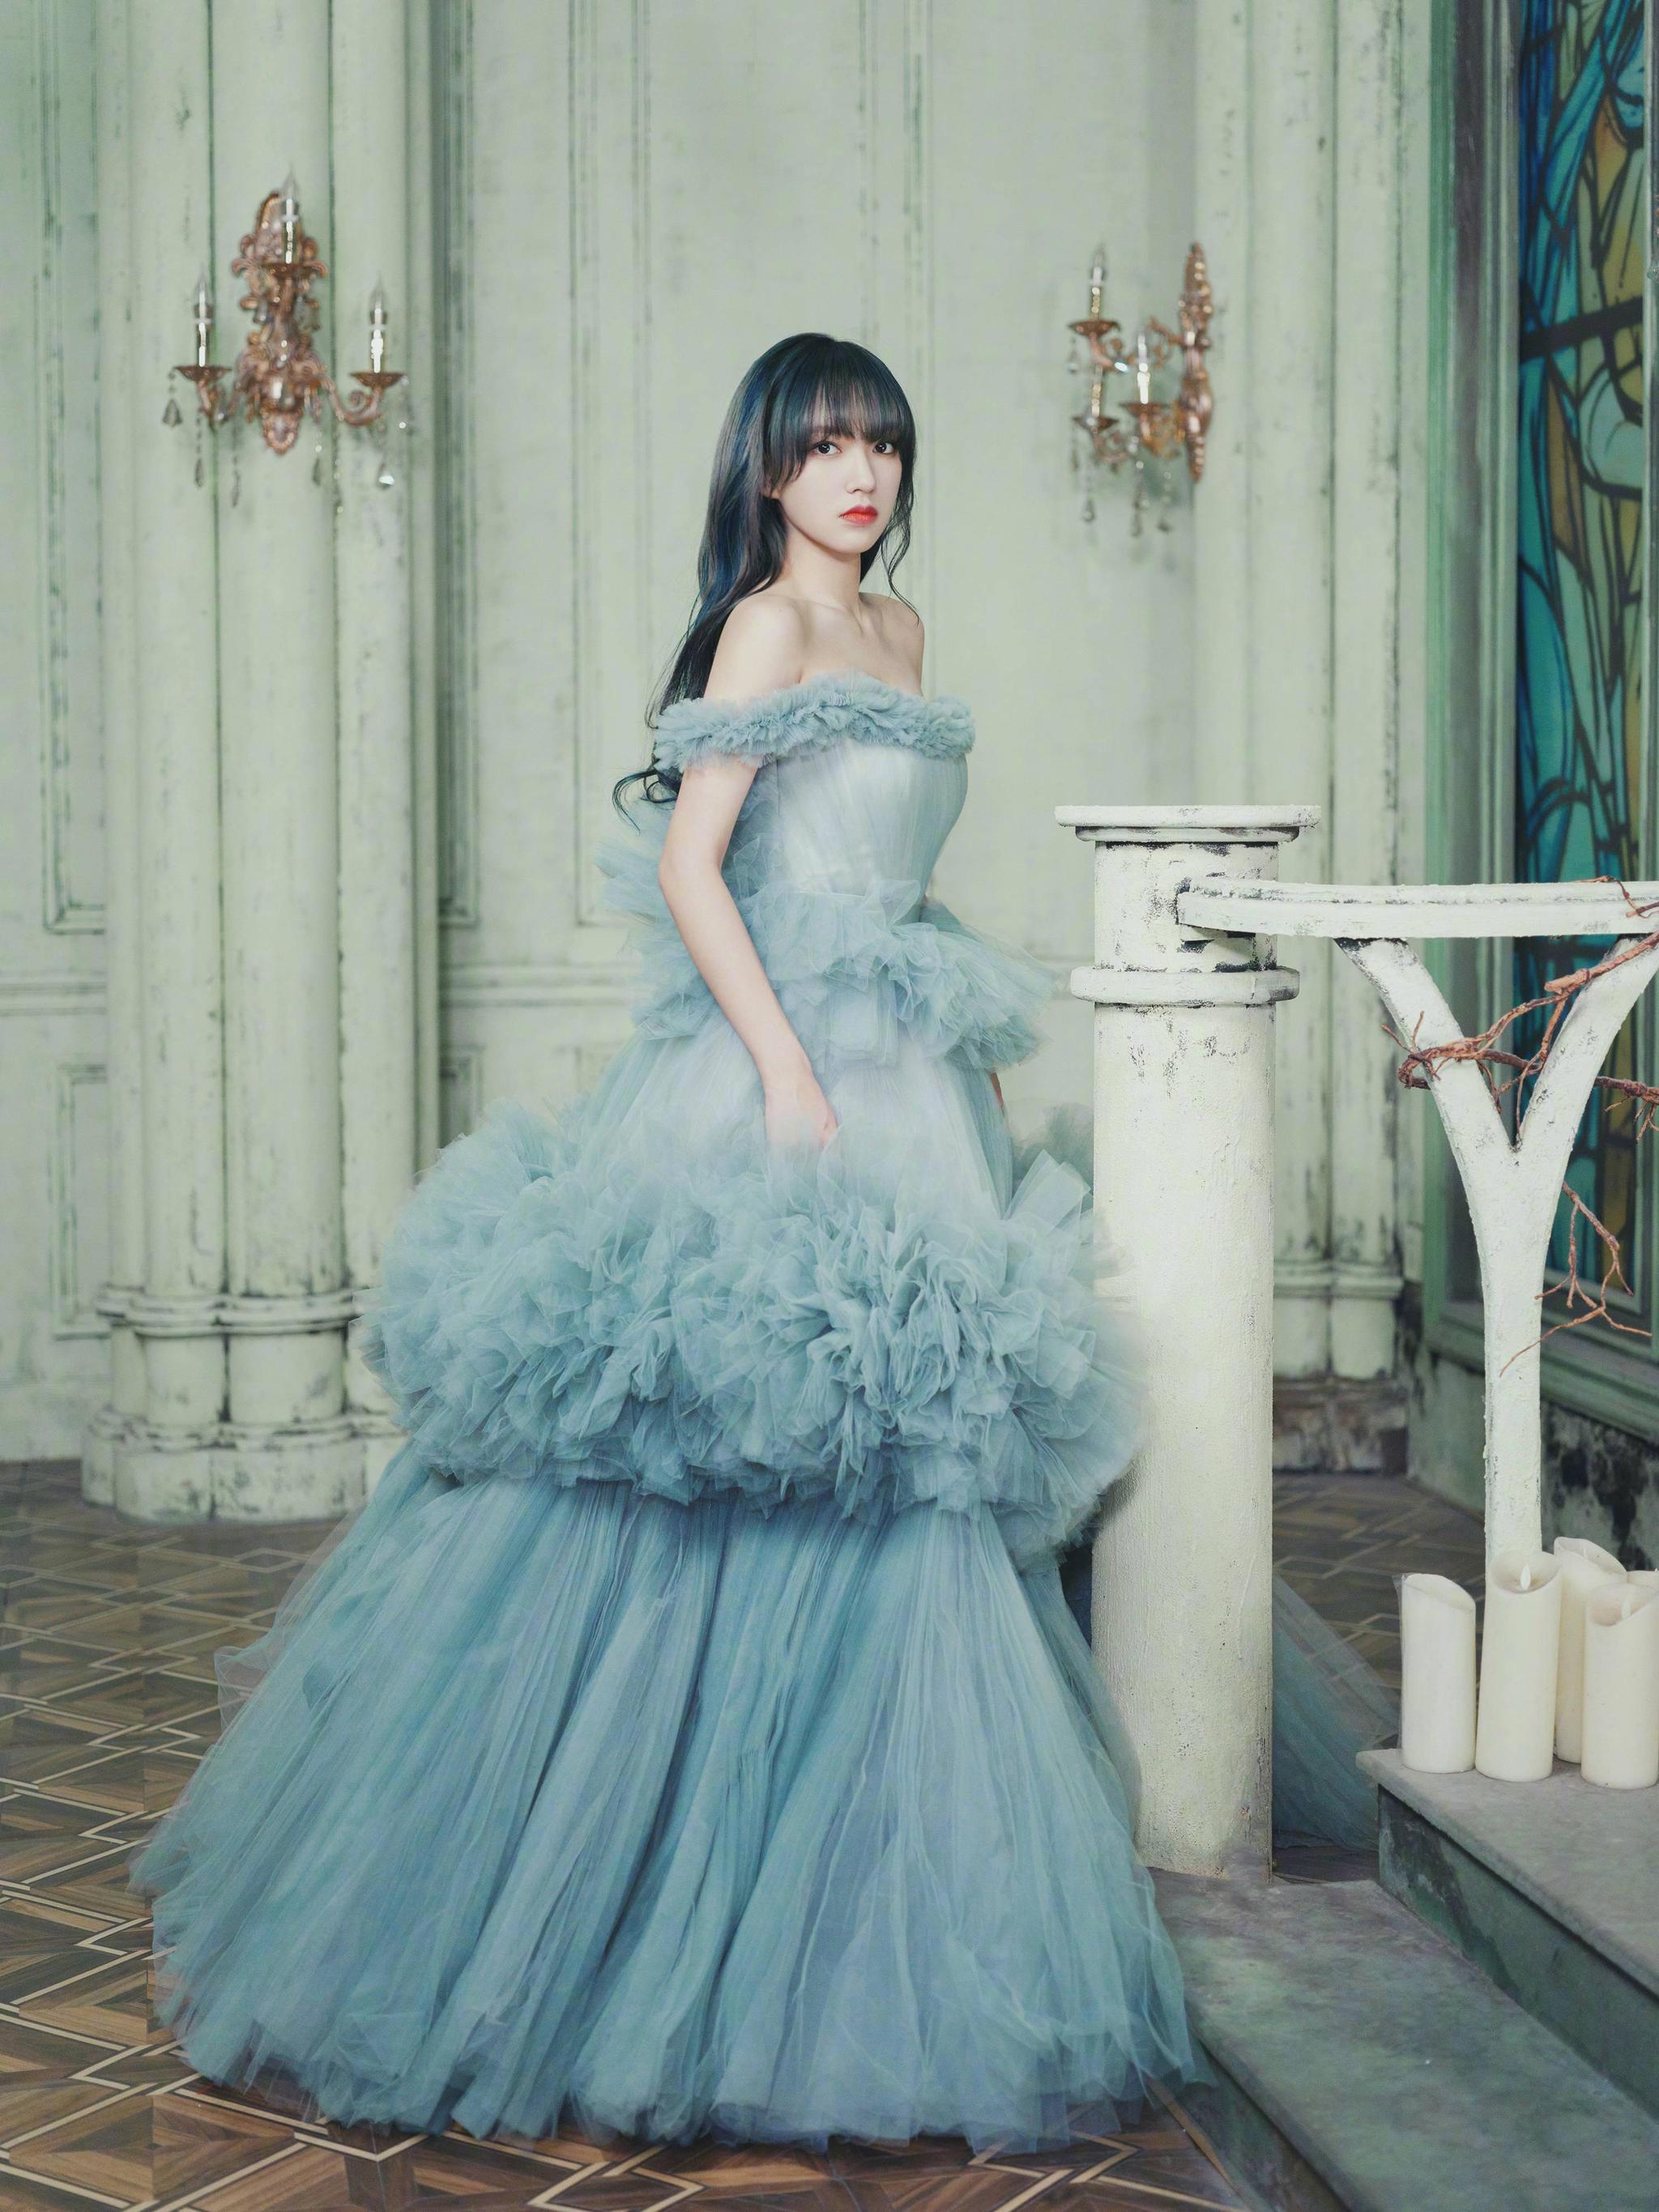 程潇晴穹蓝蛋糕纱裙造型,层层堆叠氛围梦幻,秒变童话公主